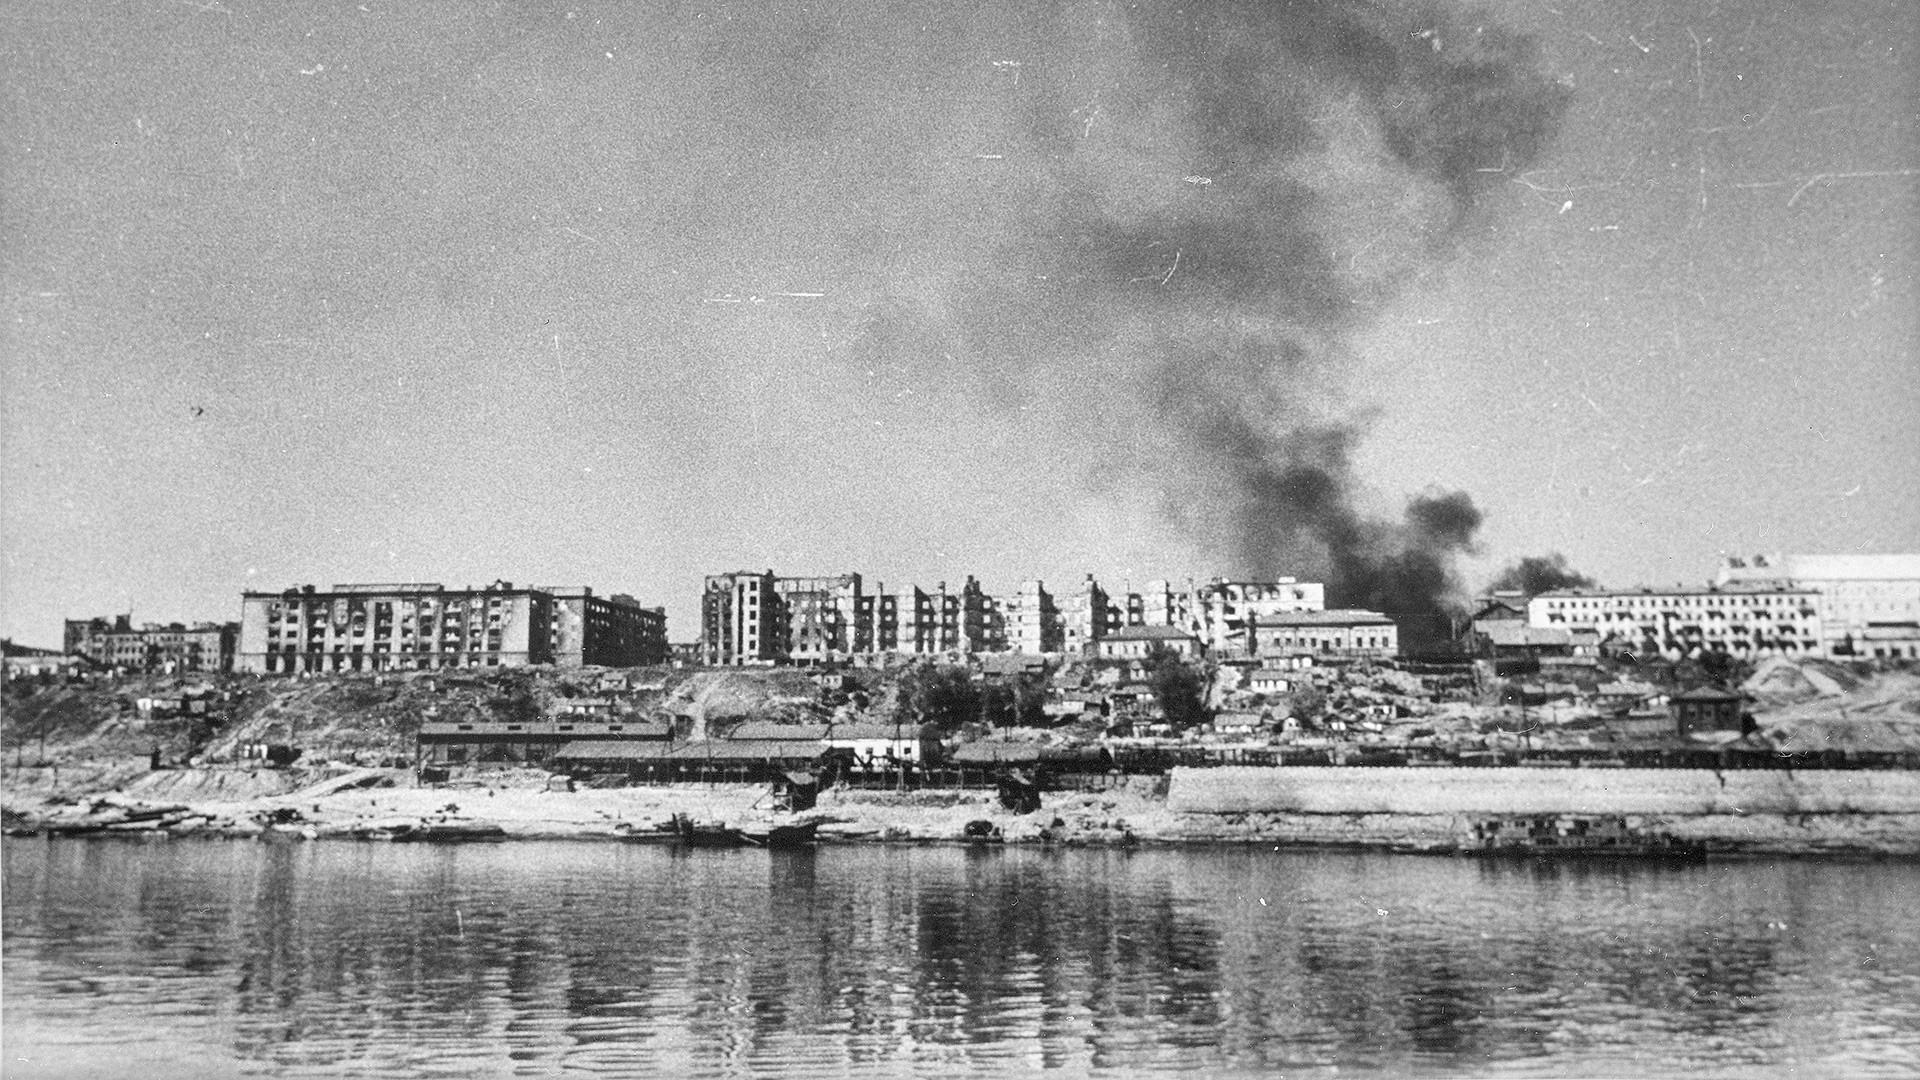 Vue sur la Volga et la ville de Stalingrad (aujourd'hui Volgograd), détruite par les nazis, 1942